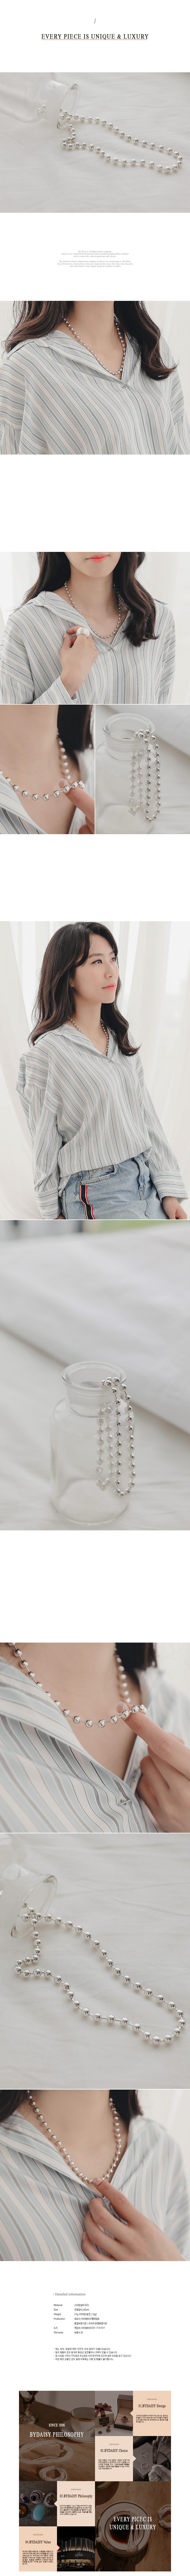 바이데이지 91Bn0388 볼드 볼체인 실버목걸이 - 바이데이지, 168,000원, 실버, 펜던트목걸이